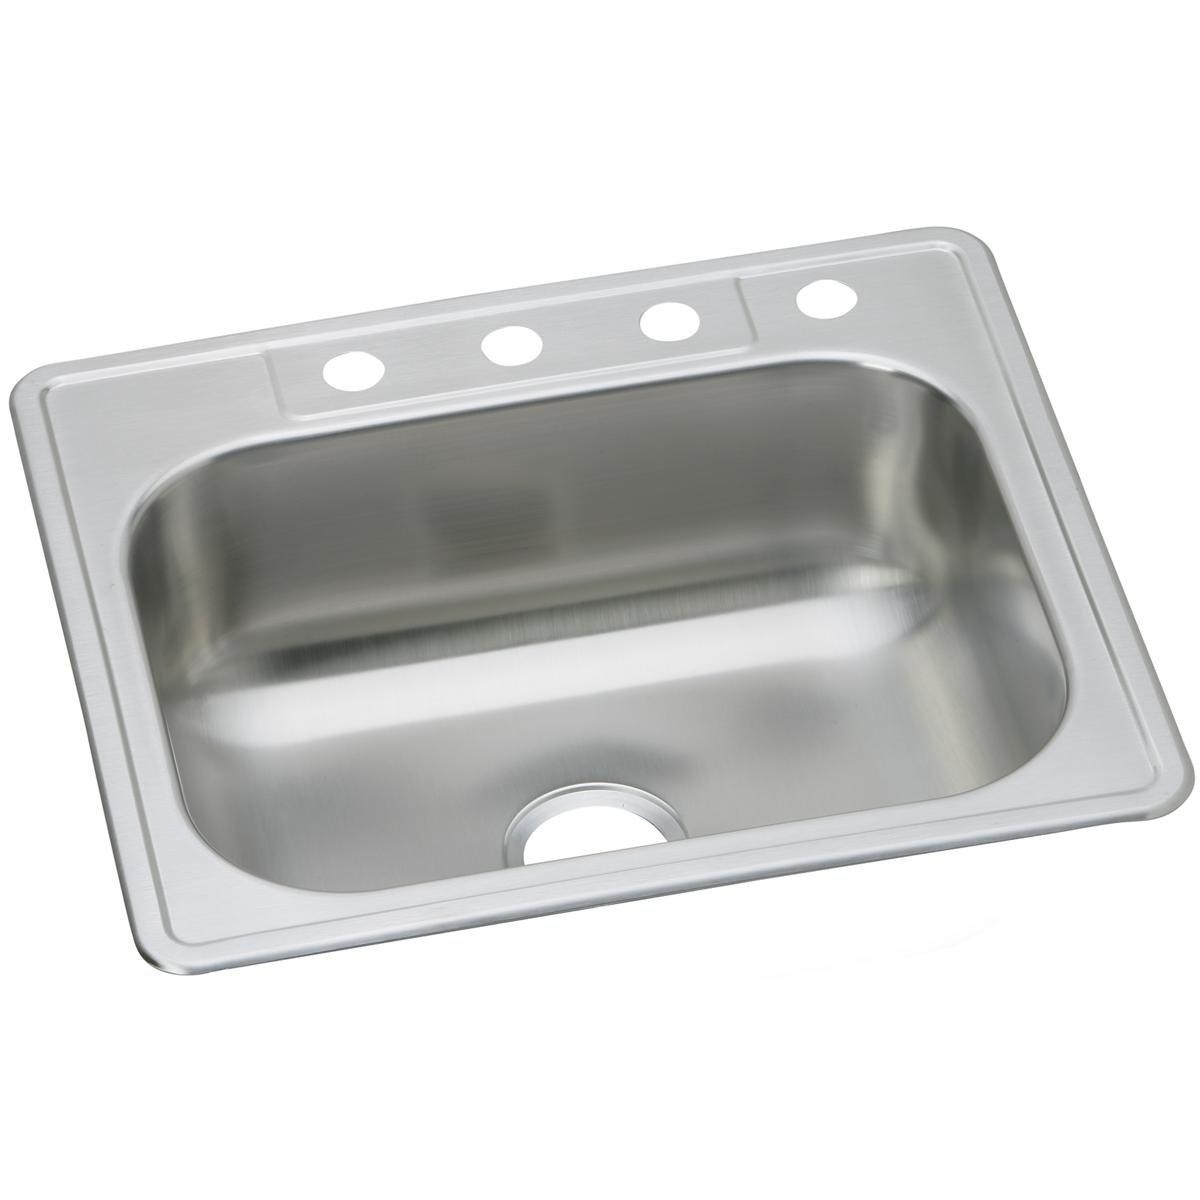 Dayton DSE125224 Single Bowl Top Mount Stainless Steel Sink